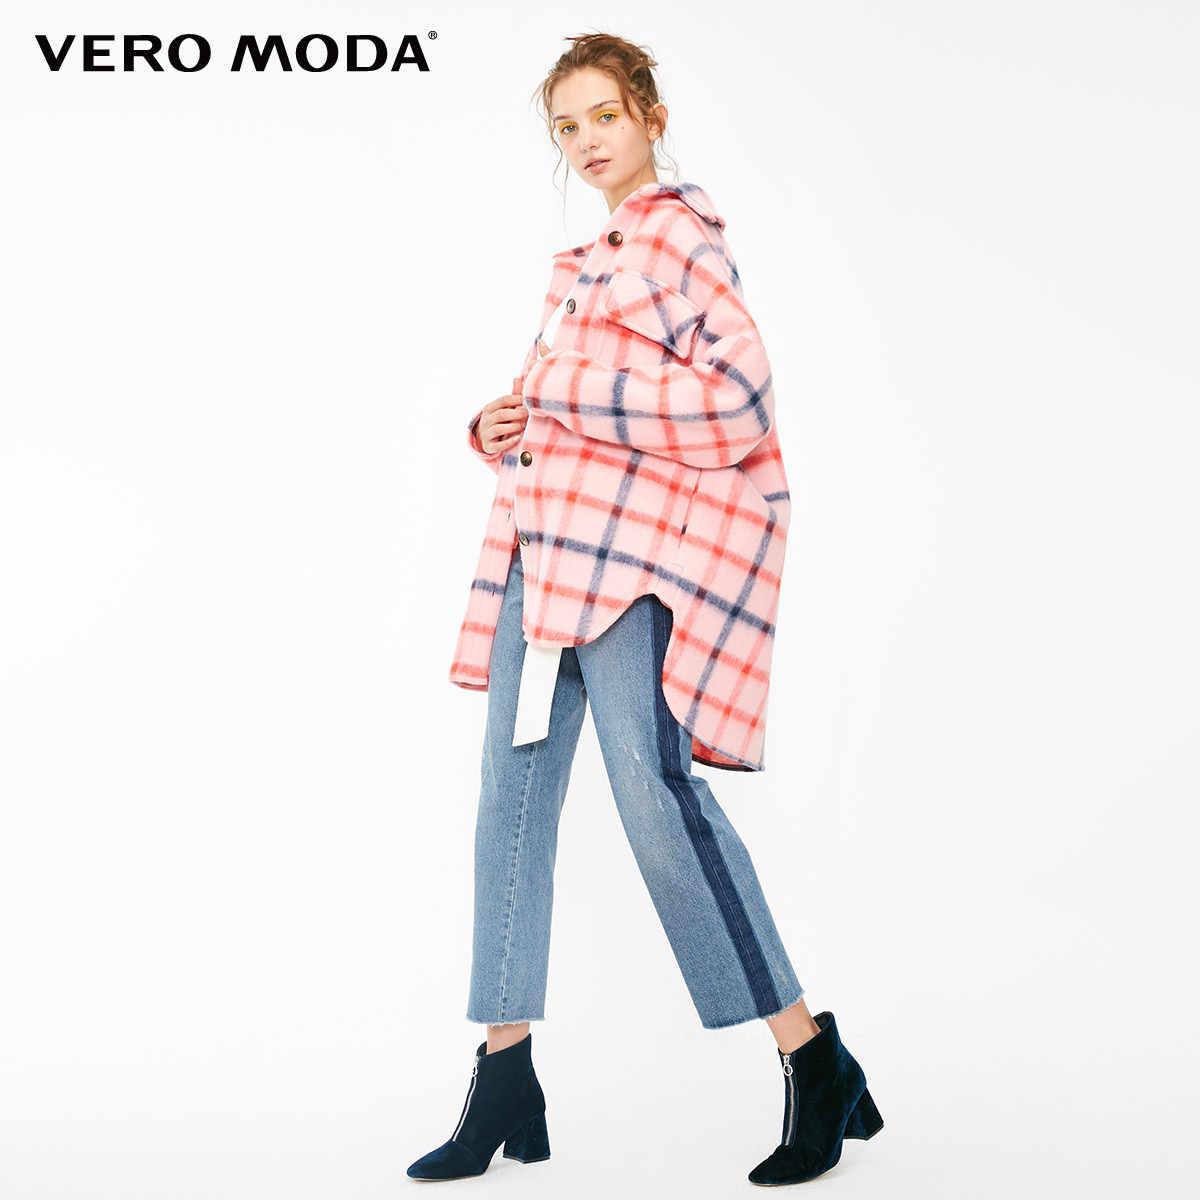 Vero Moda Женская клетчатая куртка свободного кроя с карманами | 318409503